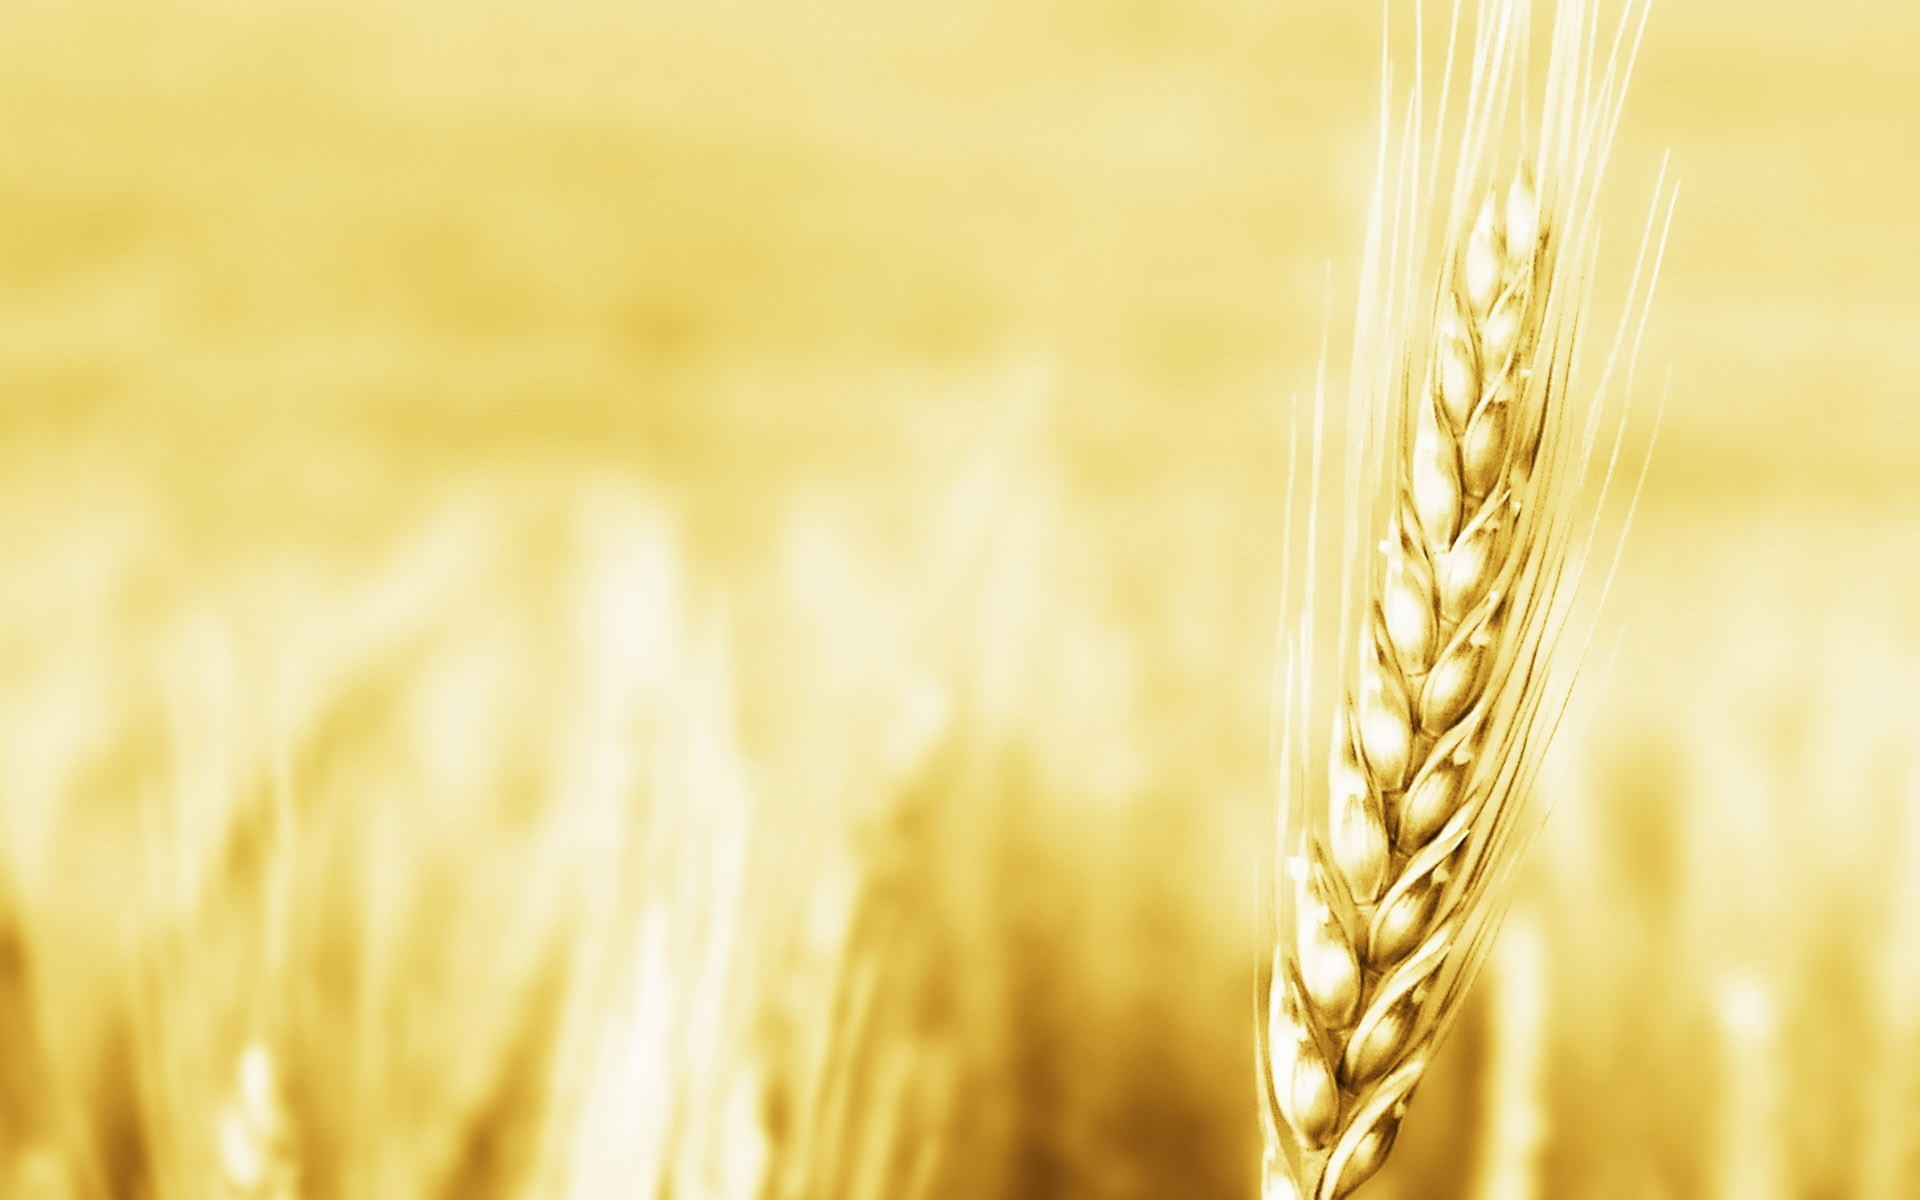 تصاویر زیبای گندمزار طلایی